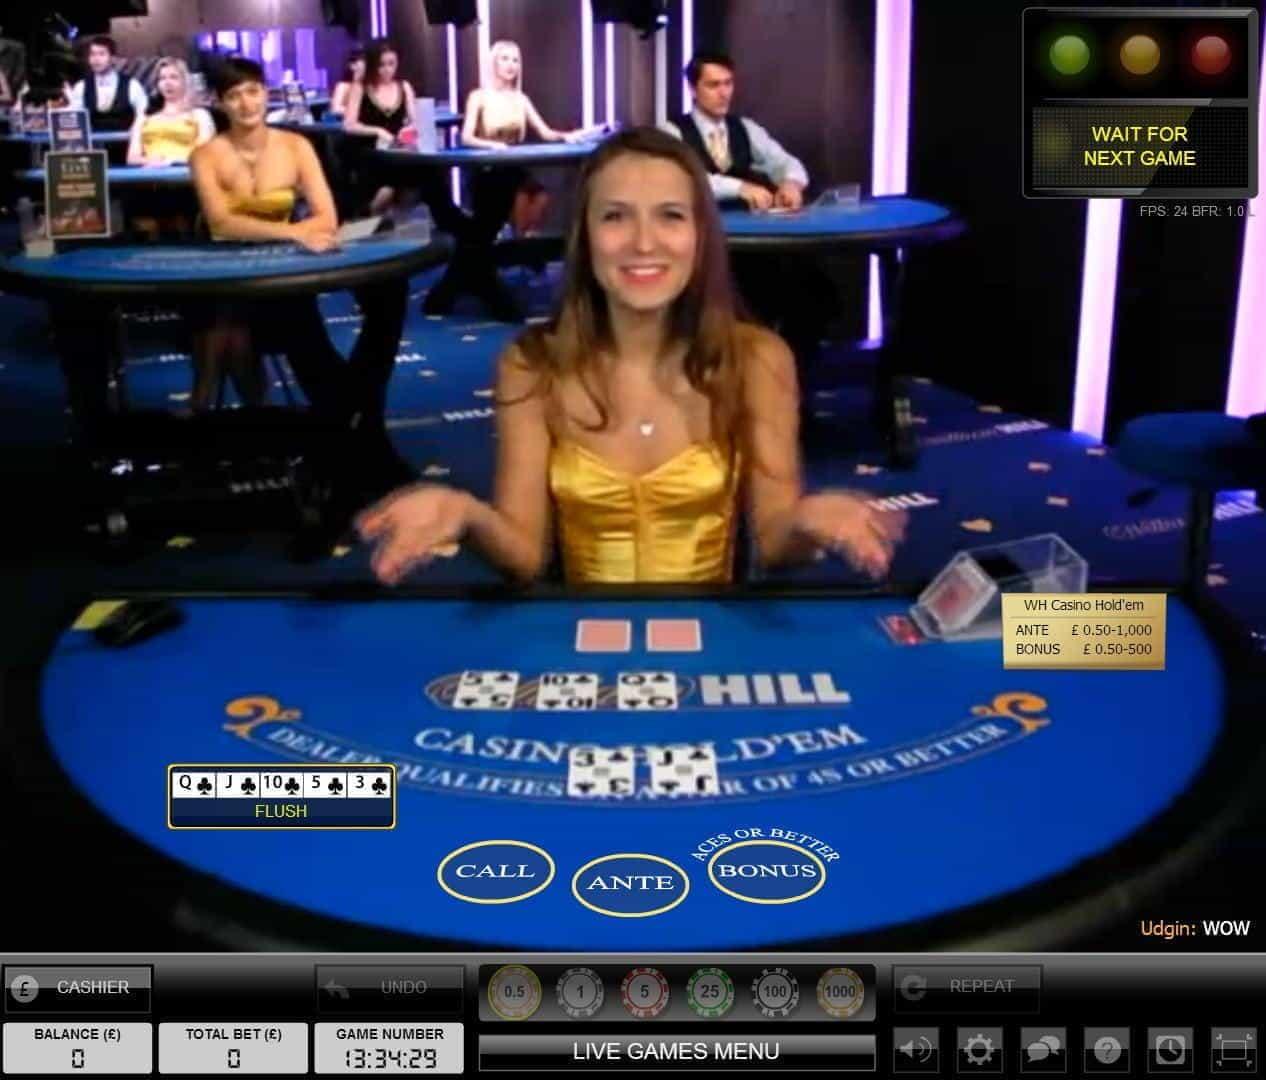 Casino bonuses in Ireland william hill-750906